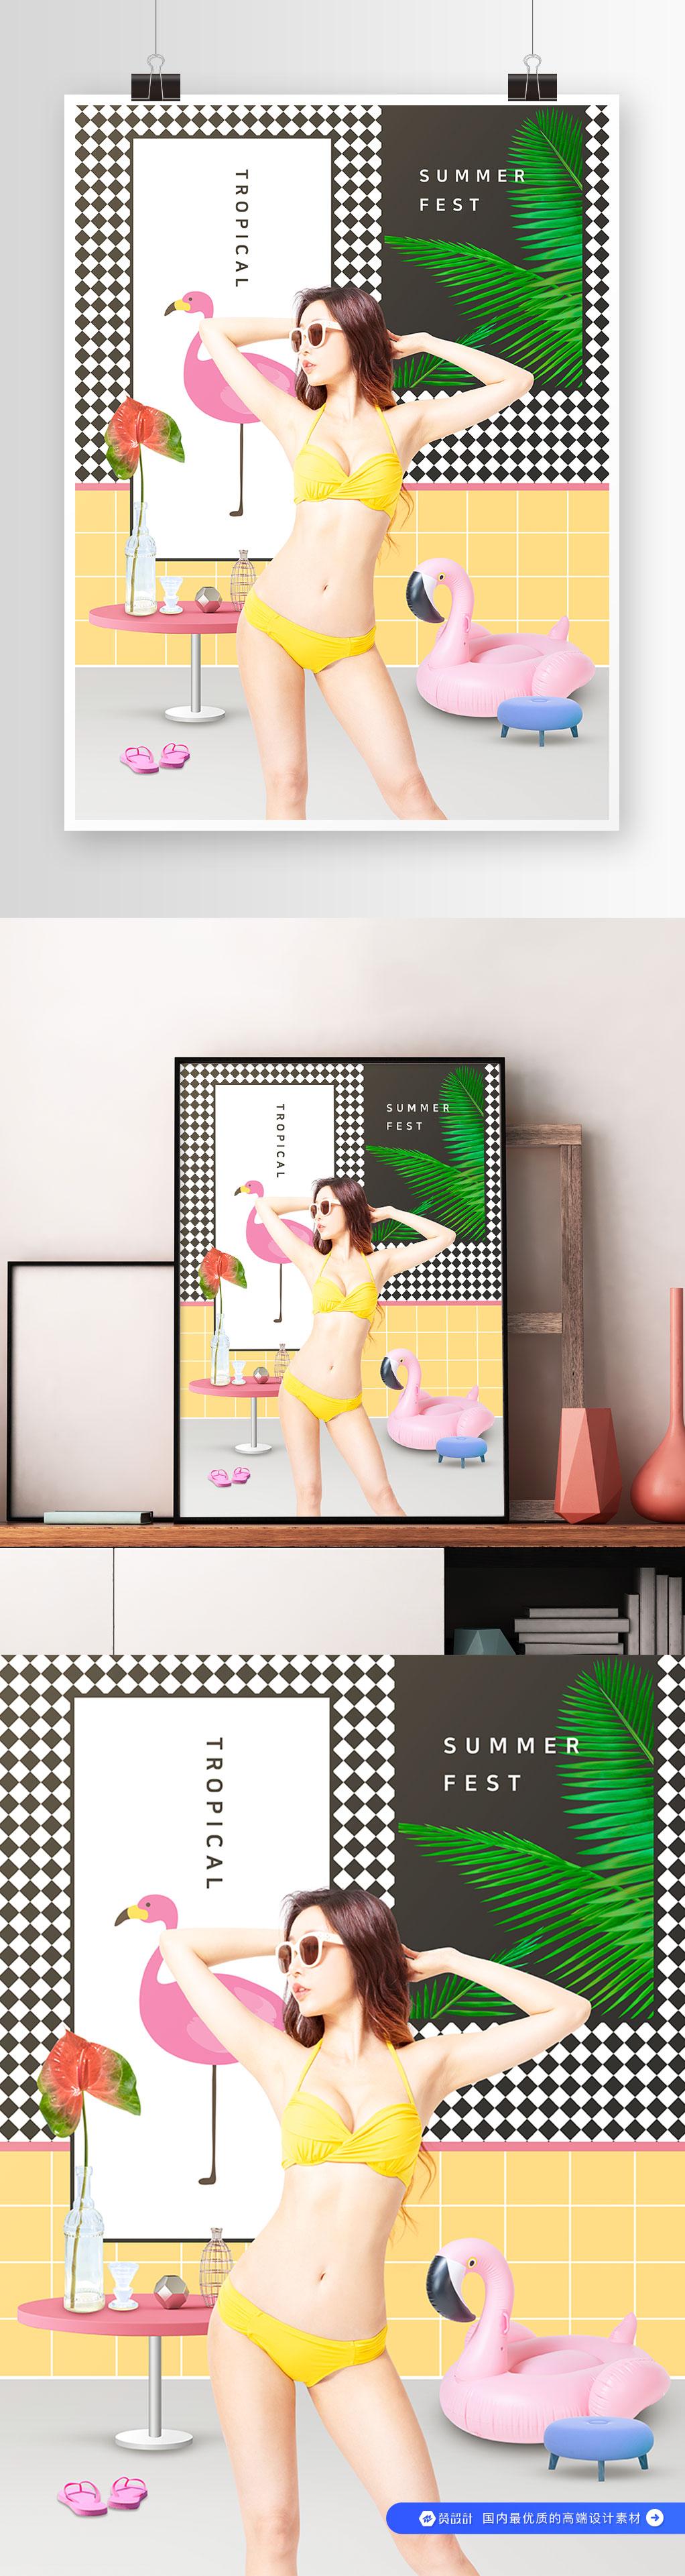 夏季比基尼复古波普风宣传海报(6)